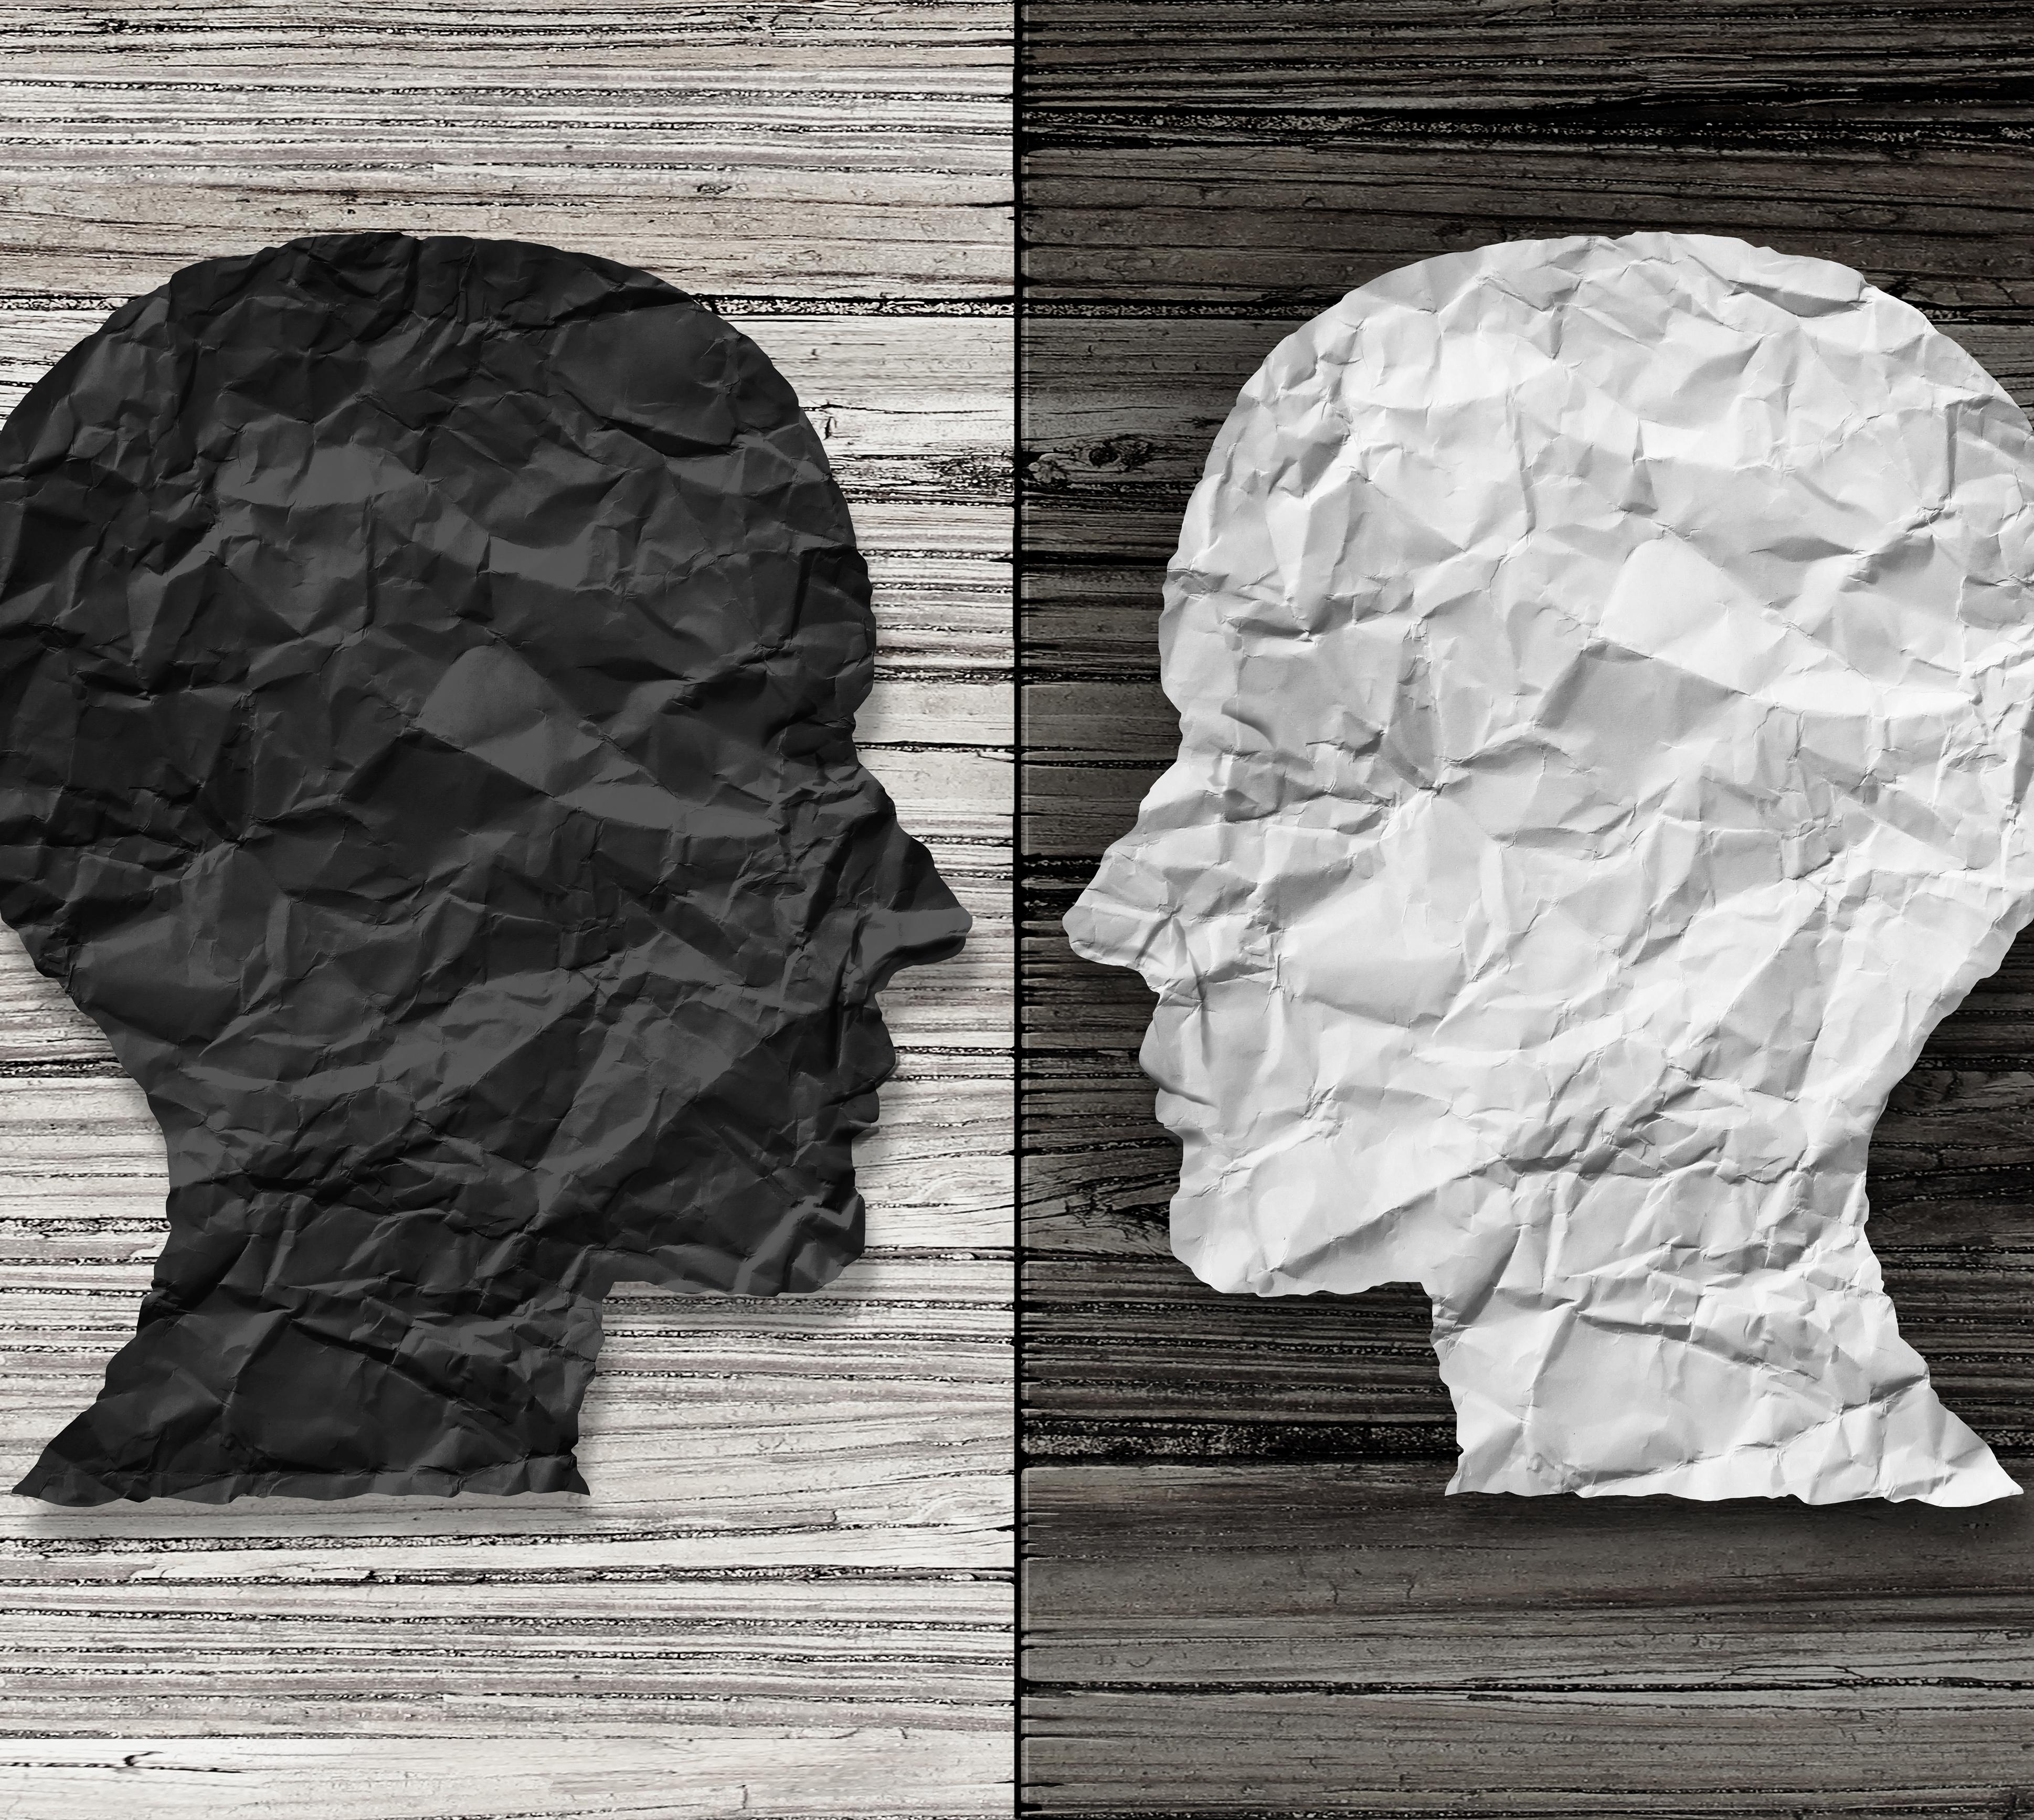 心理咨询师培训,精神分析,系统式培训,德心班,心理咨询技能,德瑞姆